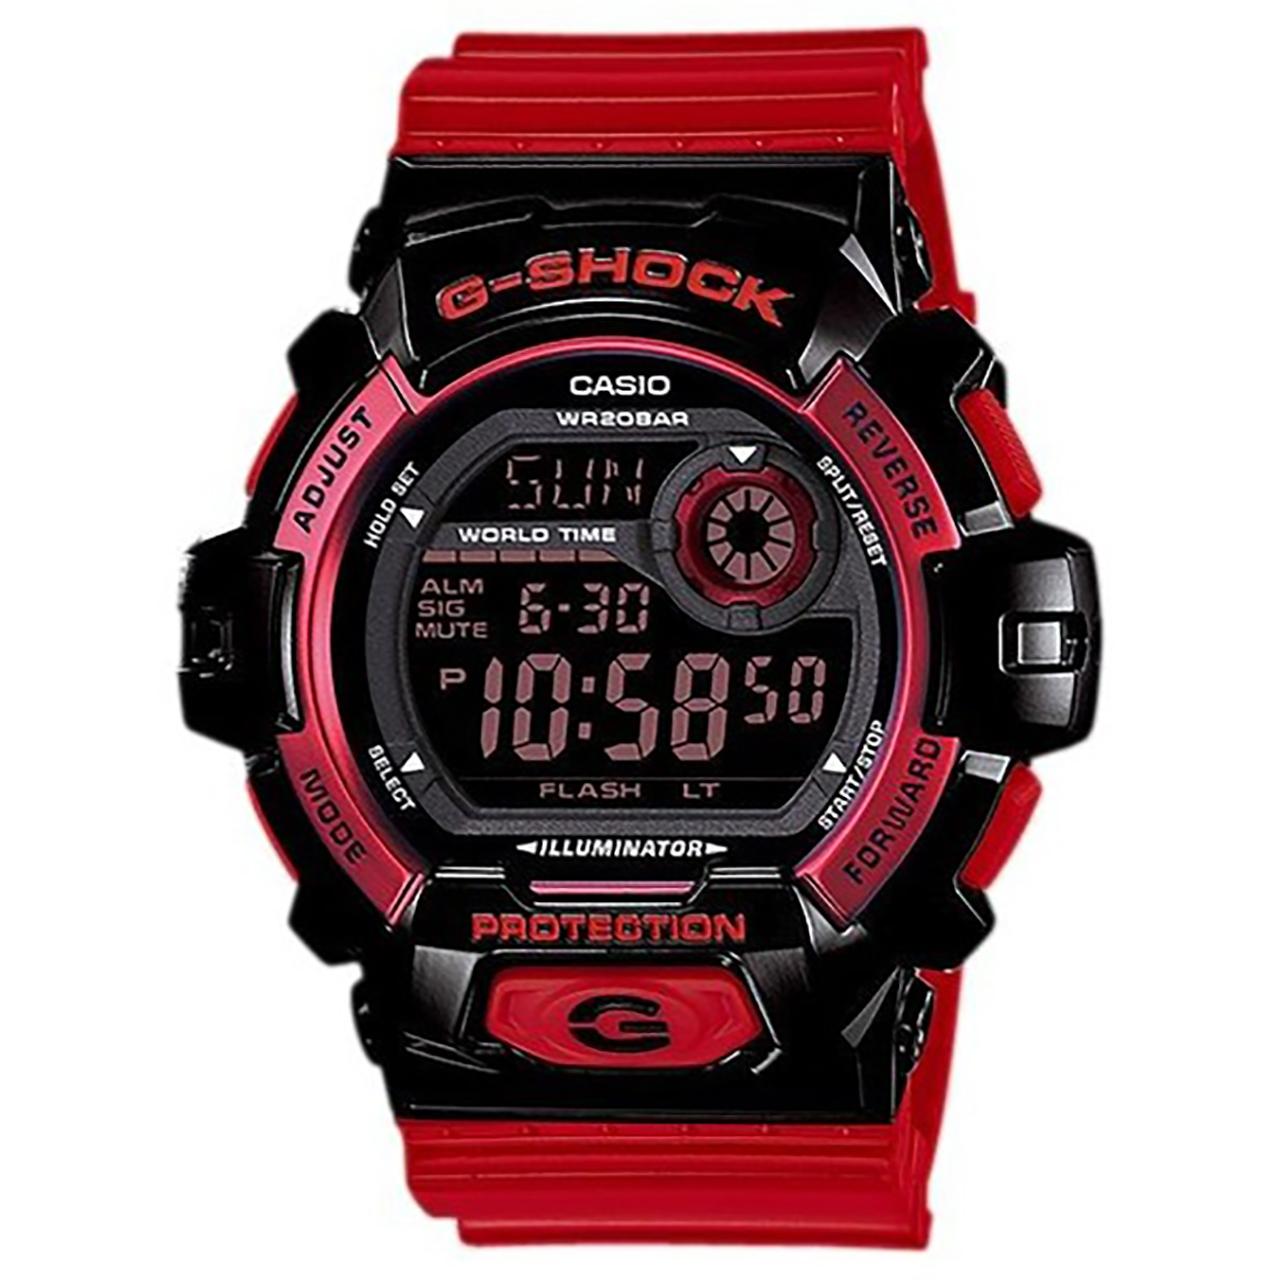 ساعت مچی دیجیتالی مردانه کاسیو جی شاک مدل G-8900SC-1RDR 26